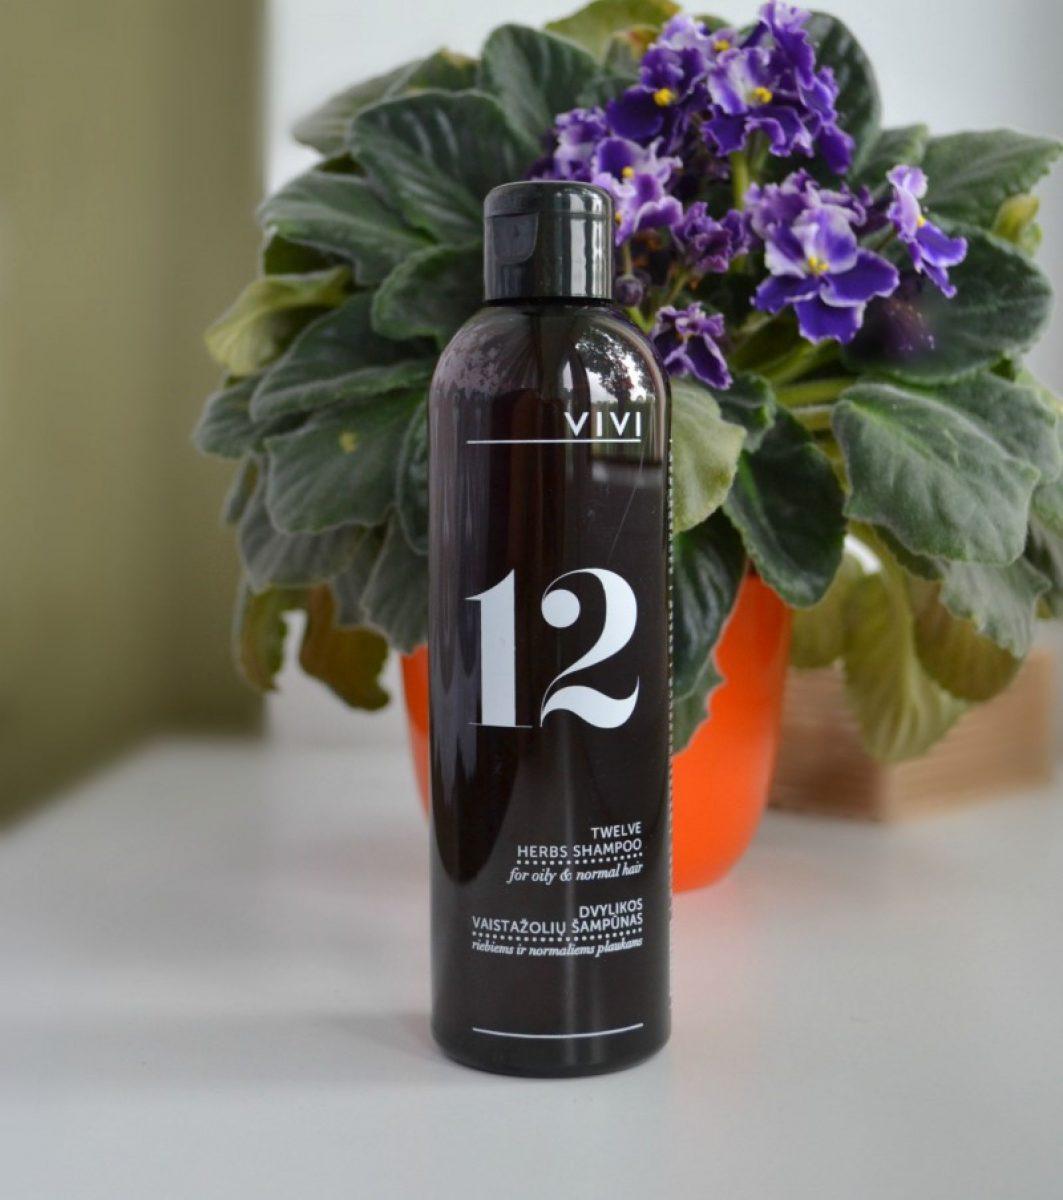 VIVI 12 Herbs Shampoo / VIVI 12 Ürdi Šampoon